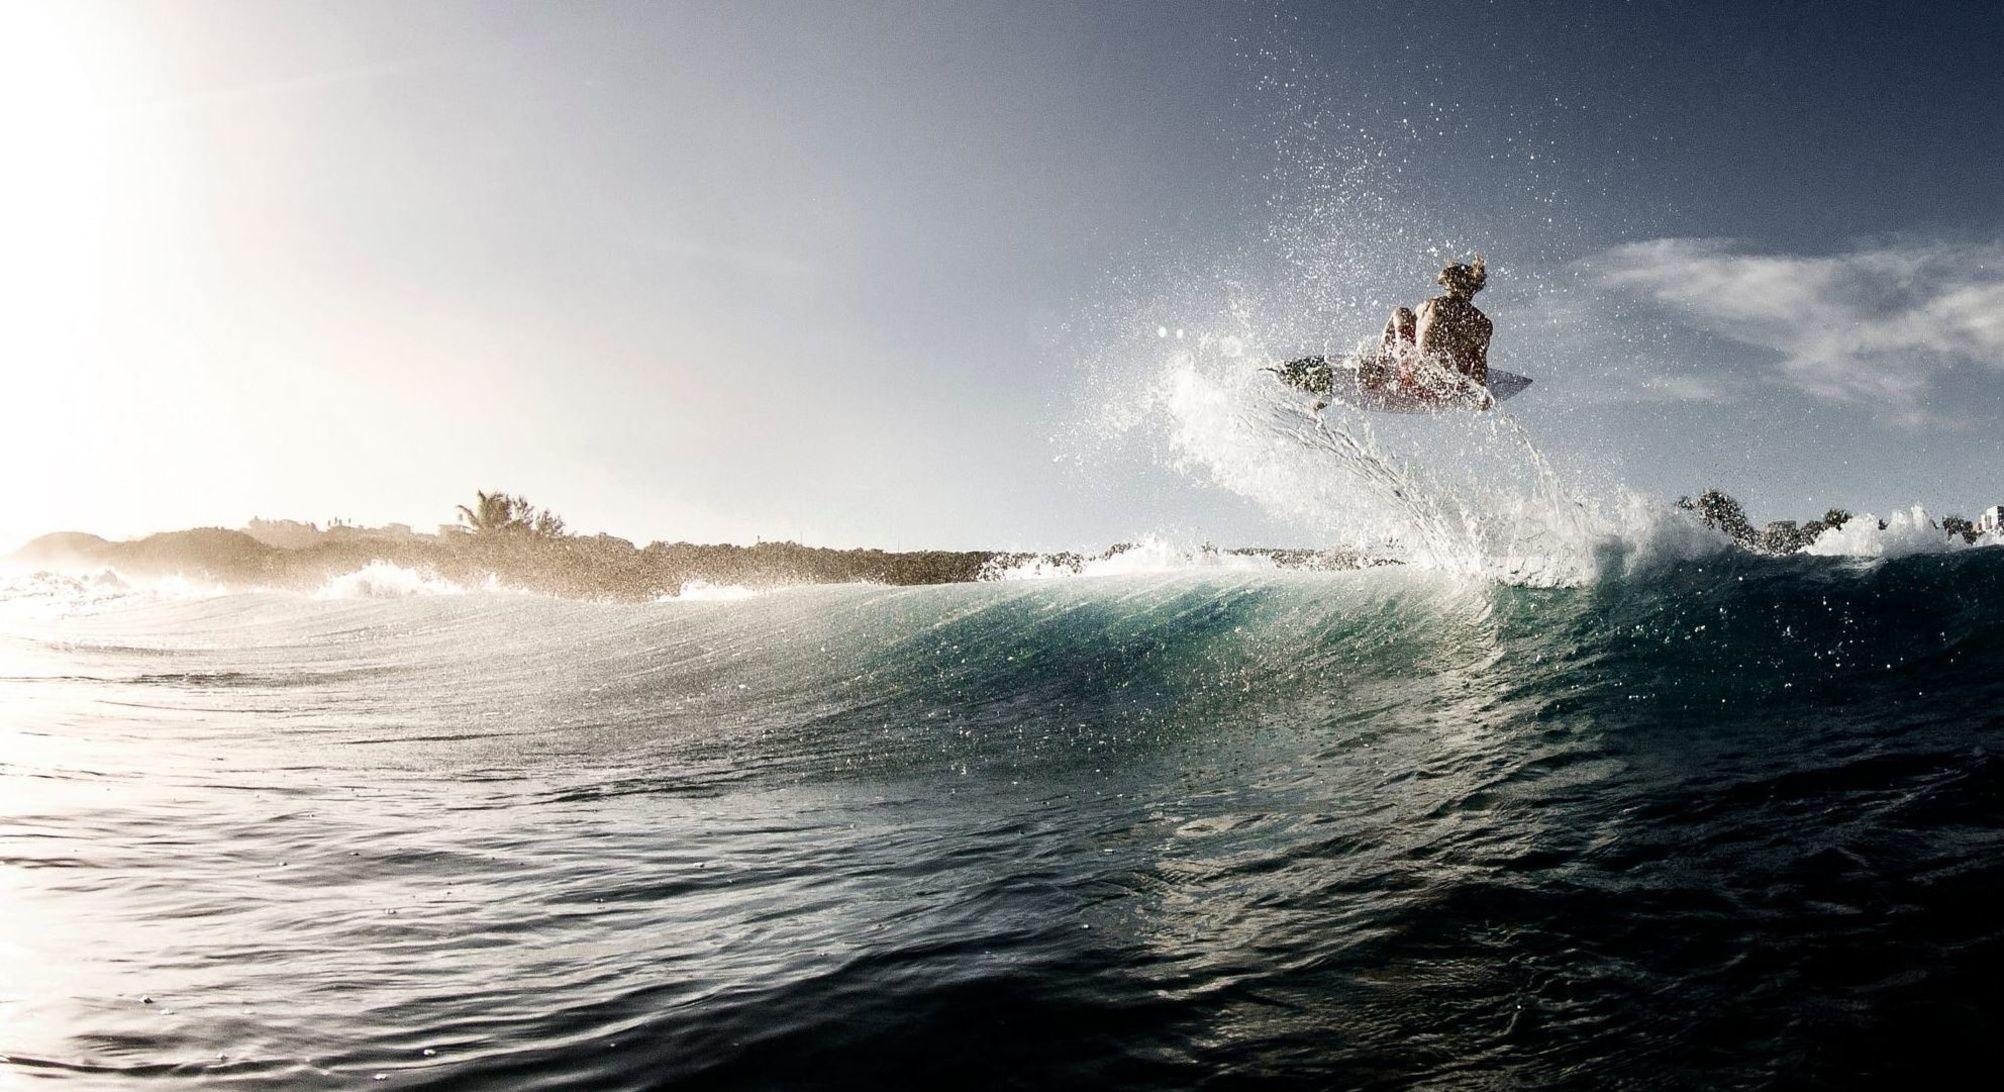 A la vida hay que comérsela a mordiscos cual tiburón siempre con hambre insaciable voraz agresivo sin compasión hay que devorarla al completo... #atardecer #sunrise #oceano #ocean #agua #water #surf #surfer #ola #wave #puertorico #caribe #caribbean // Fot.: K. Krowel